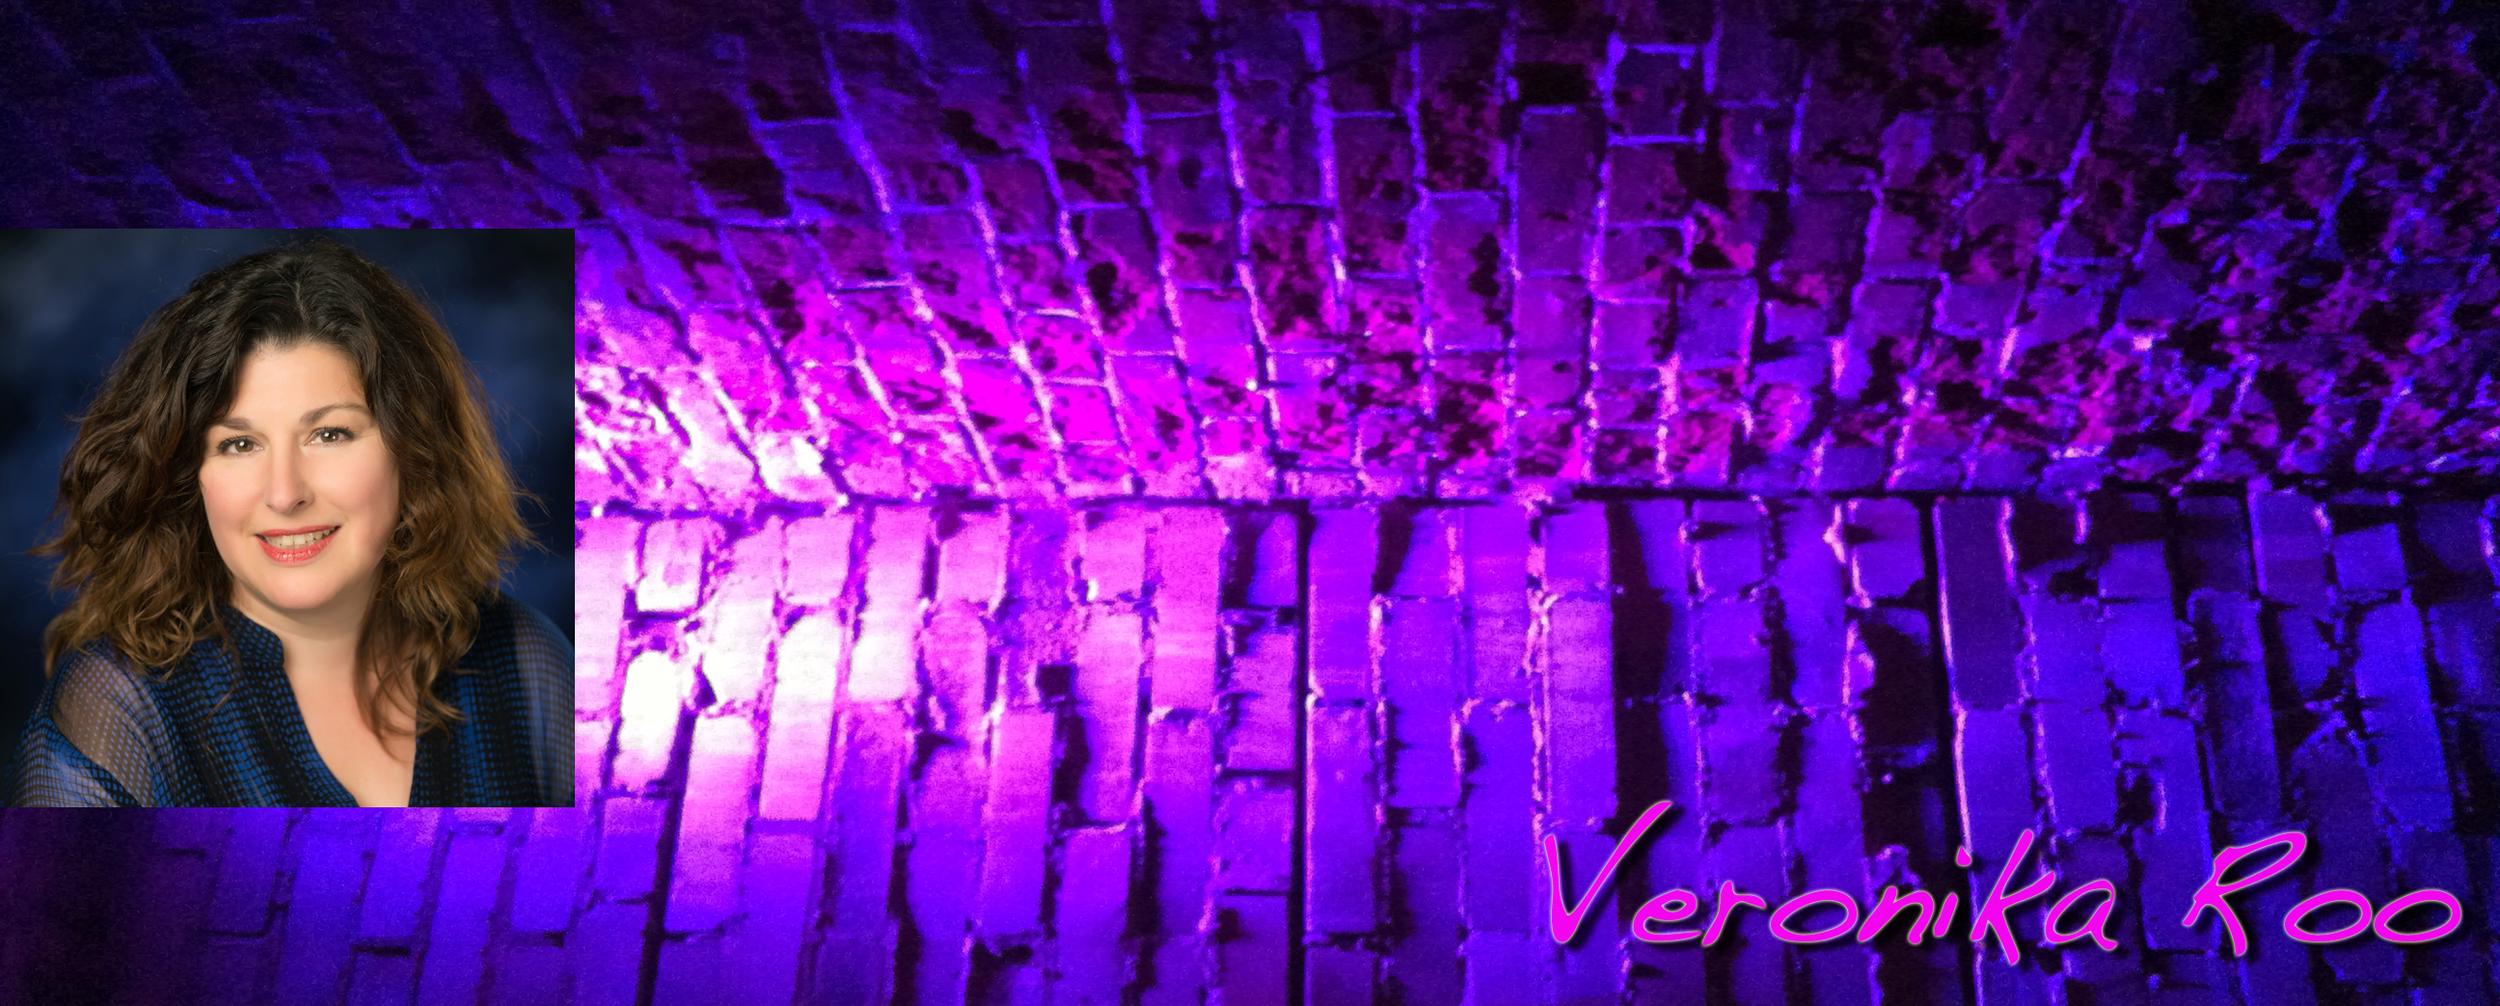 Veronika-Roo-Cheers_8425.jpg